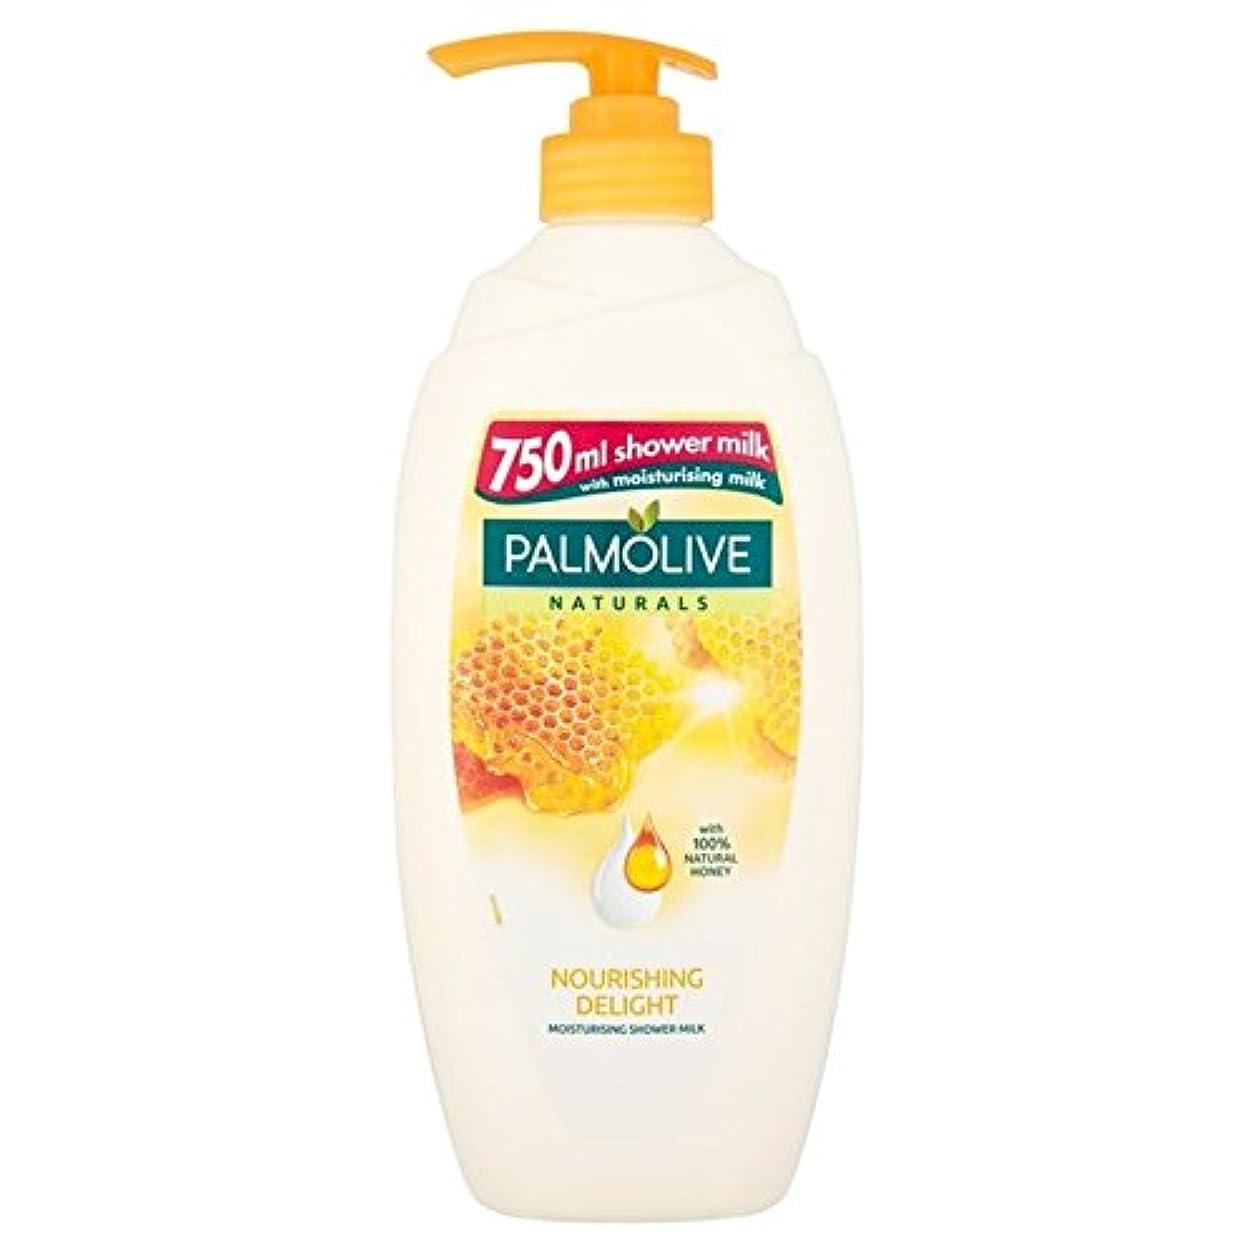 有罪キャンドル回転する蜂蜜の750ミリリットルとシャワーナチュラルミルク栄養パルモライブナチュラル x2 - Palmolive Naturals Nourishing Shower Naturals Milk with Honey 750ml (Pack of 2) [並行輸入品]